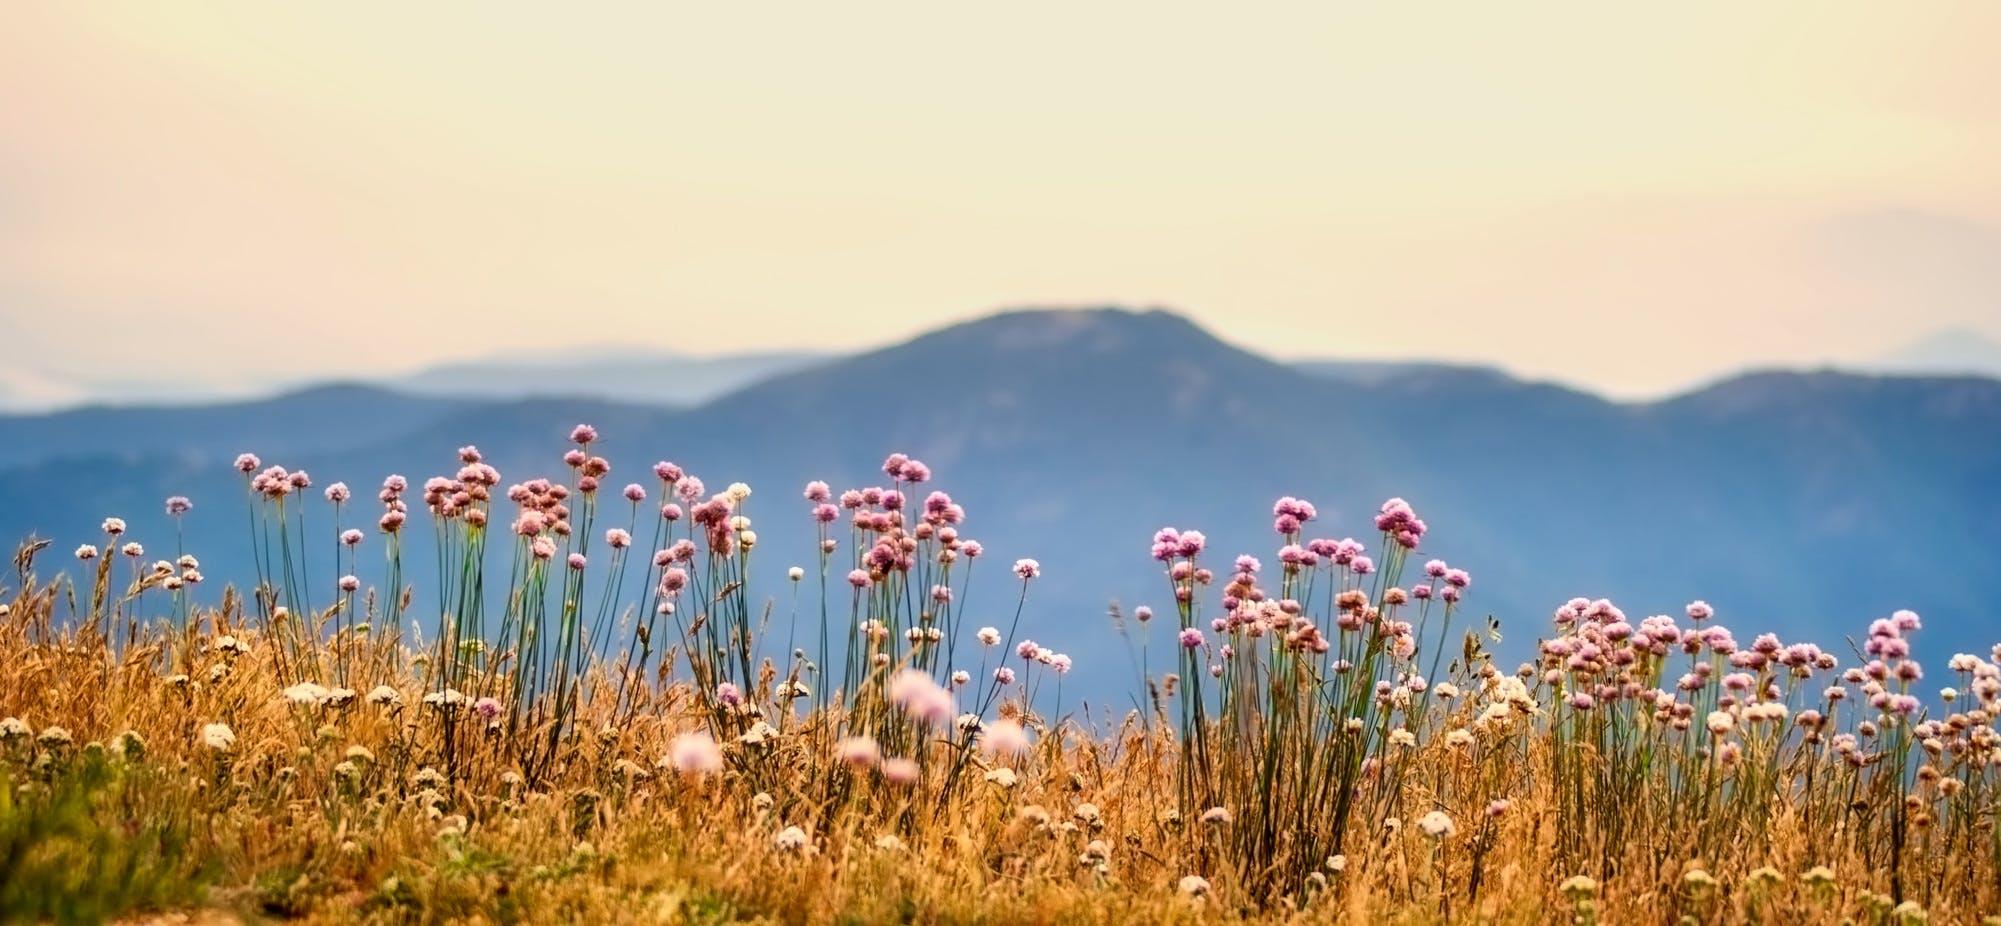 Gratis lagerfoto af bane, bjerge, blomster, flora